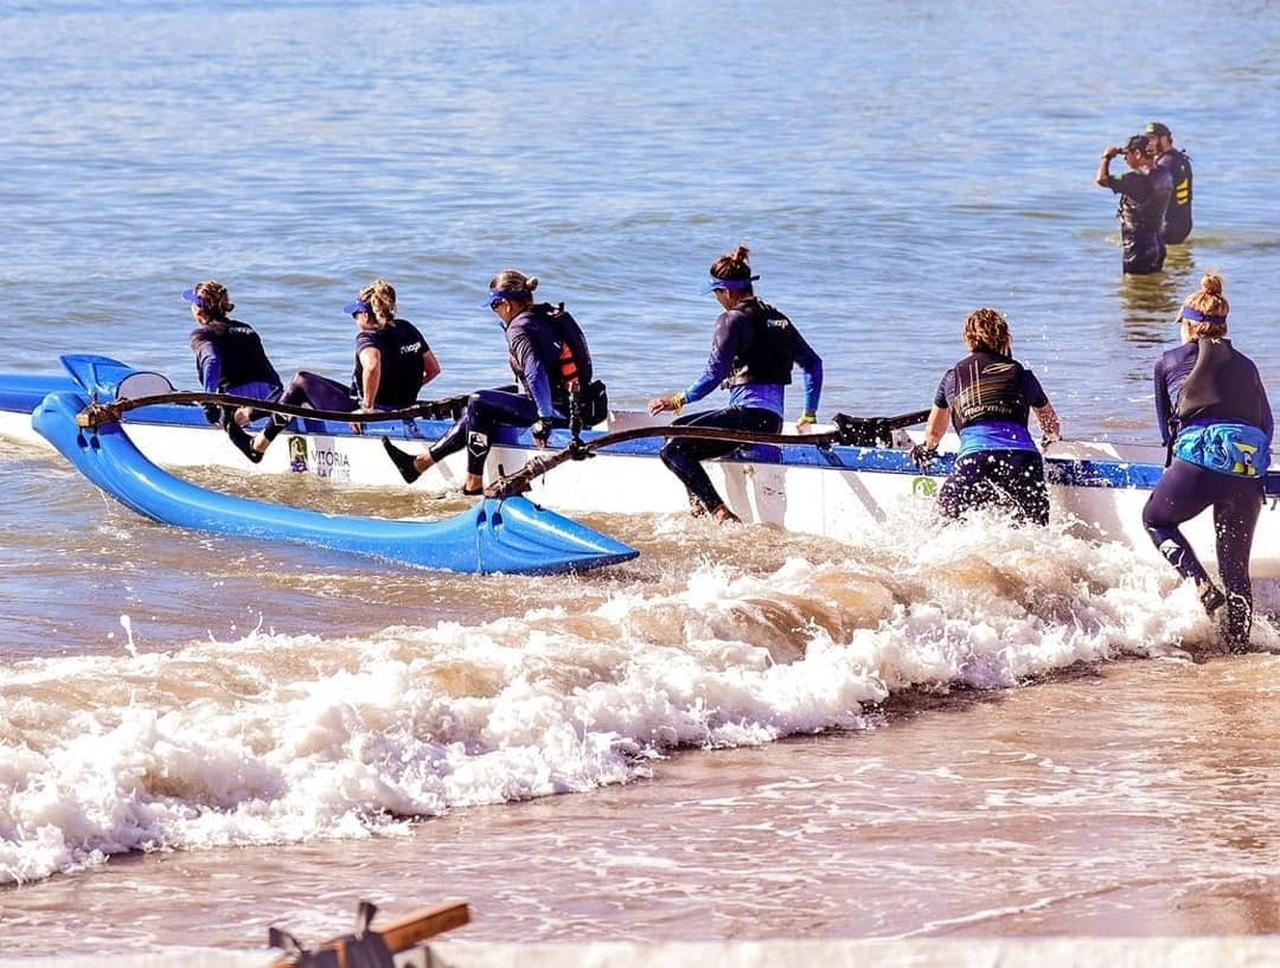 Campeonato de Canoa Havaiana acontece em Vitória. Foto: Divulgação